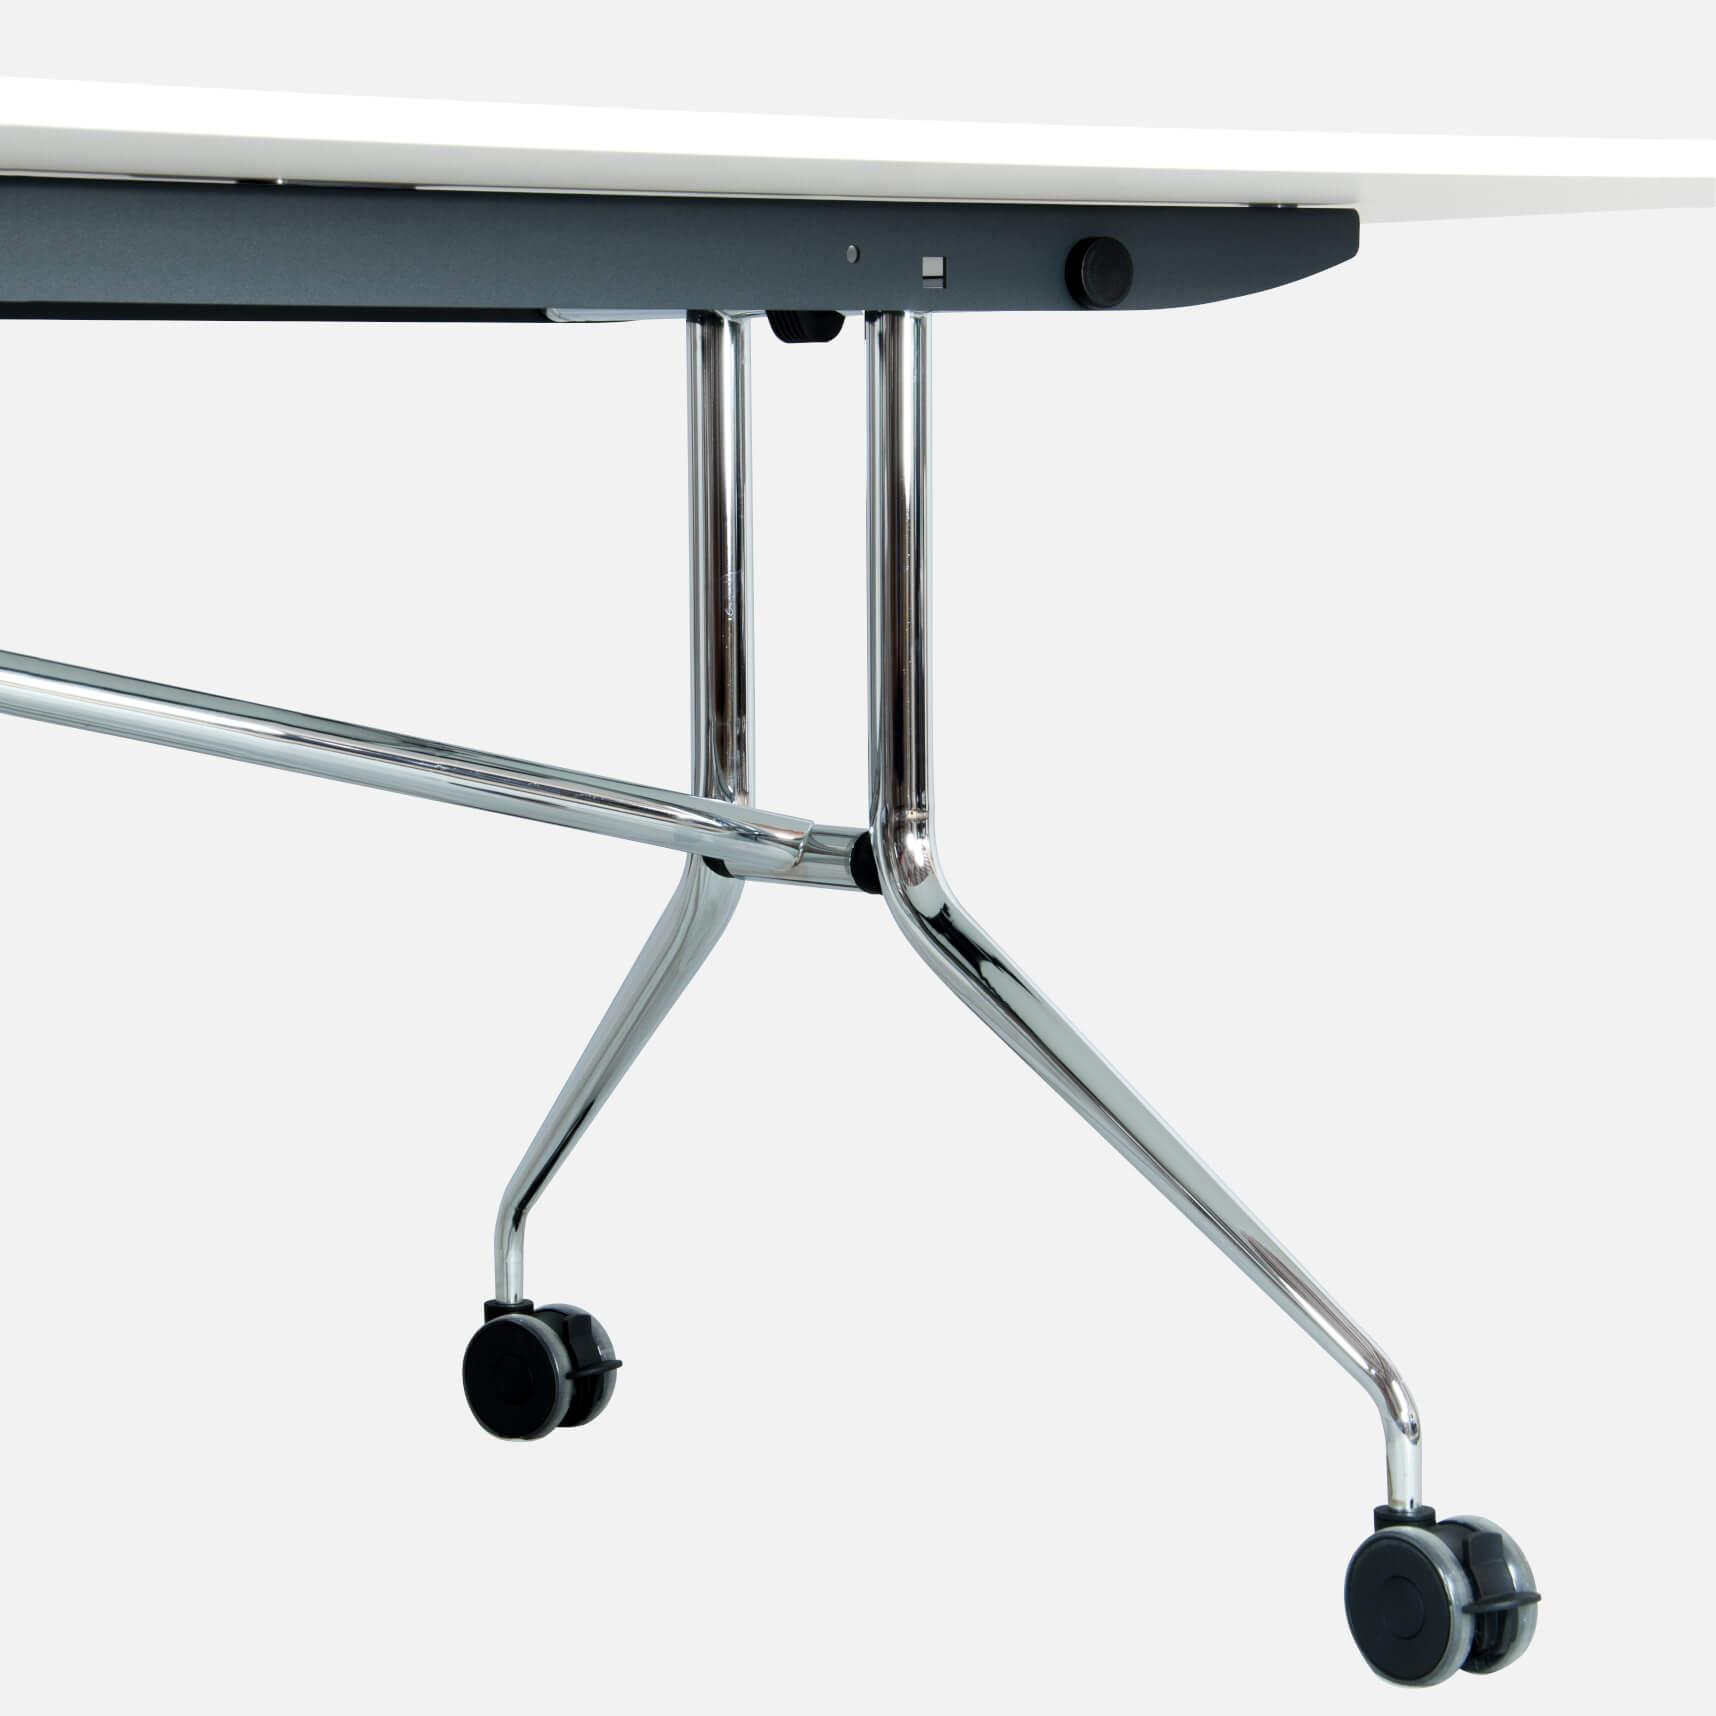 Falttisch Klapptisch 2.400 x 1.000 mm LIBRO Weiß Konferenztisch klappbar rollbar auf Rollen mobil